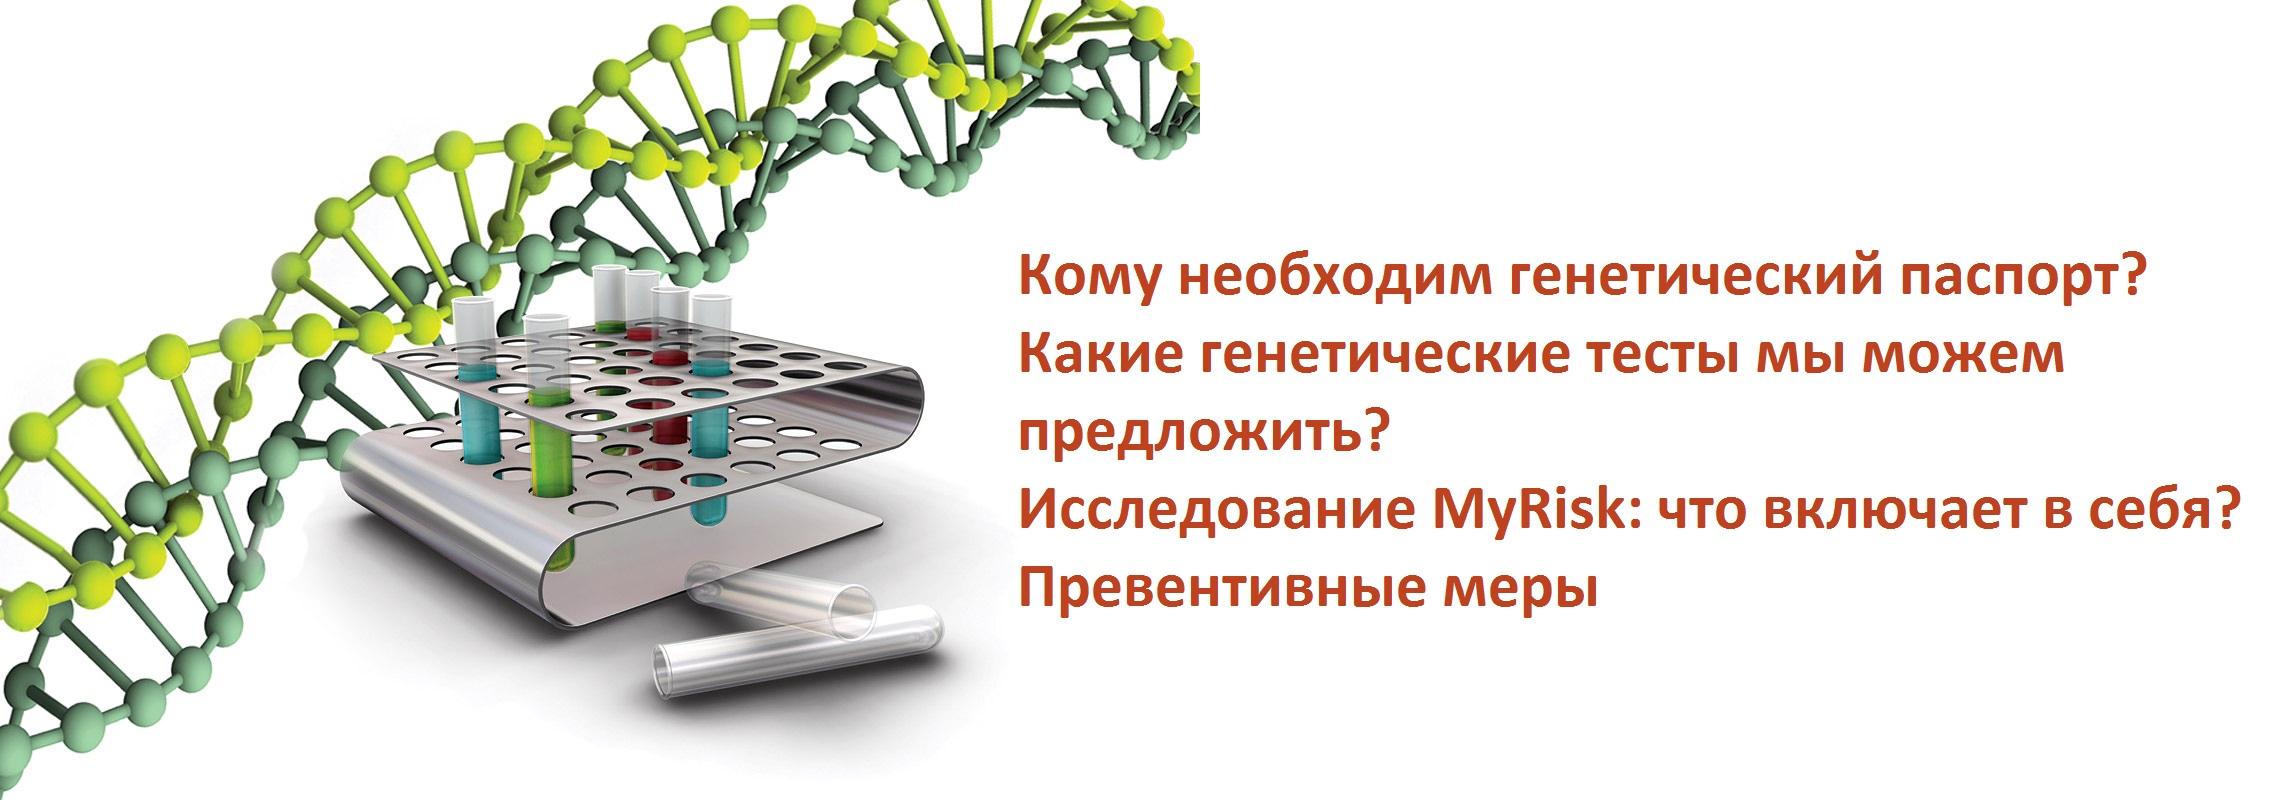 генетический паспорт человека стоимость Москва